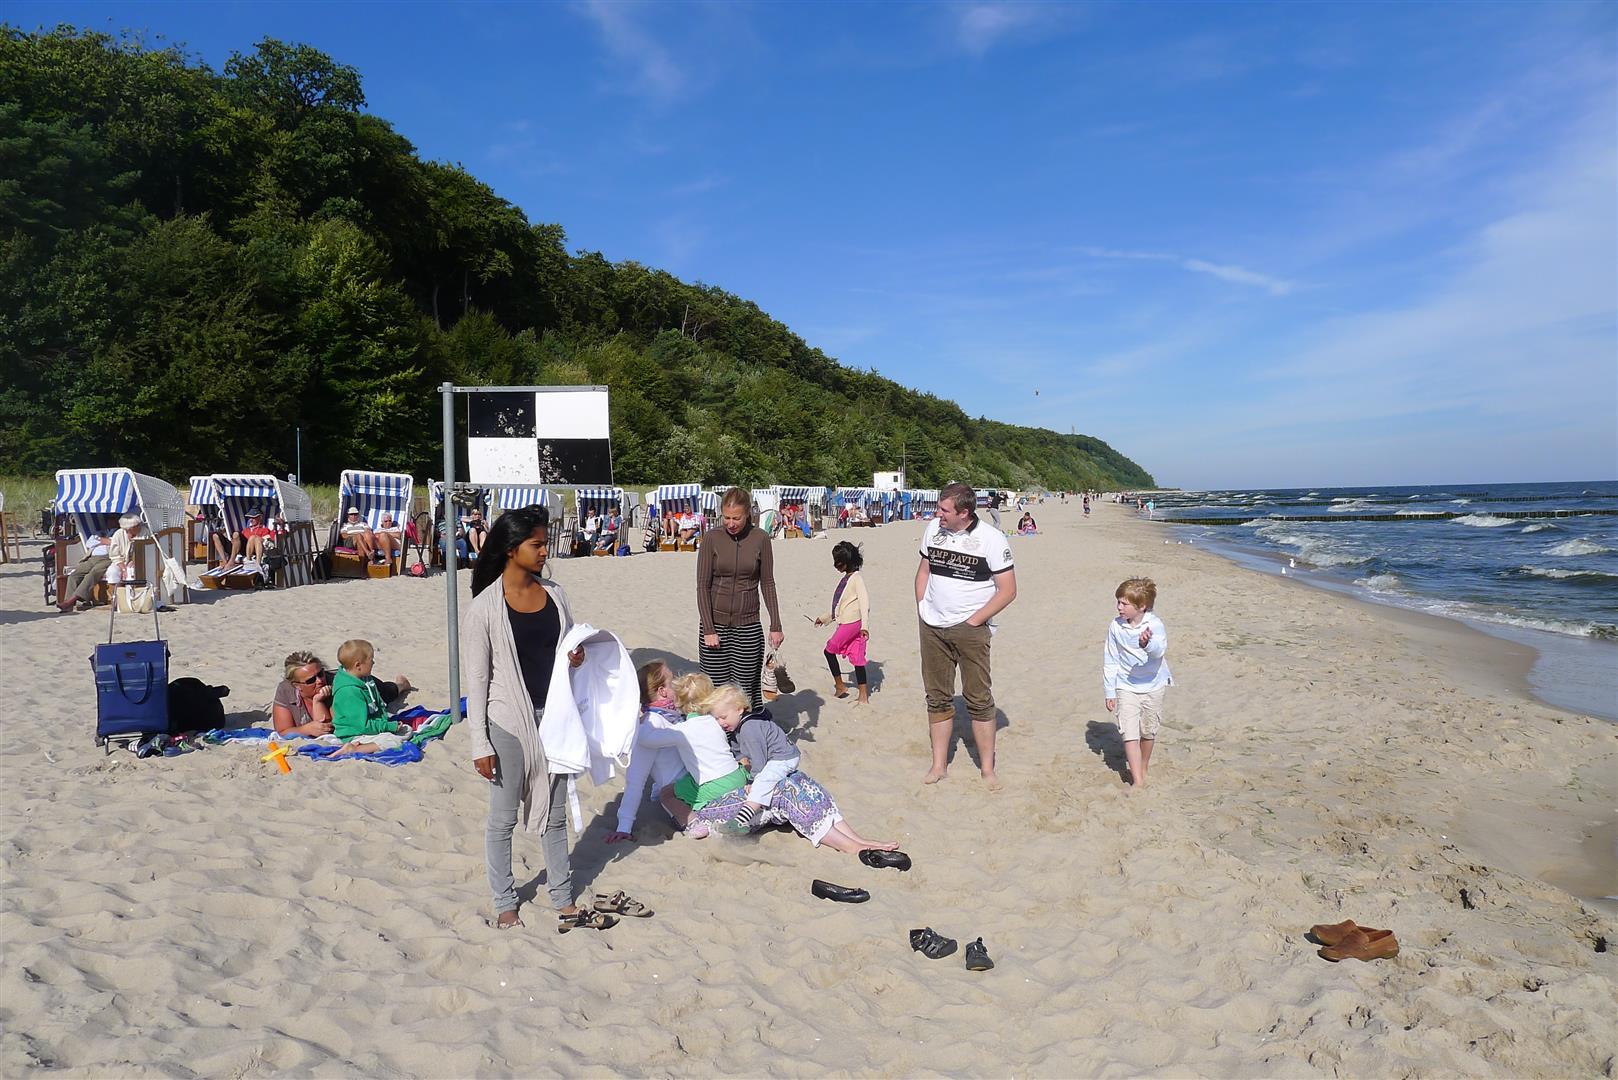 Beach at Koelpinsee